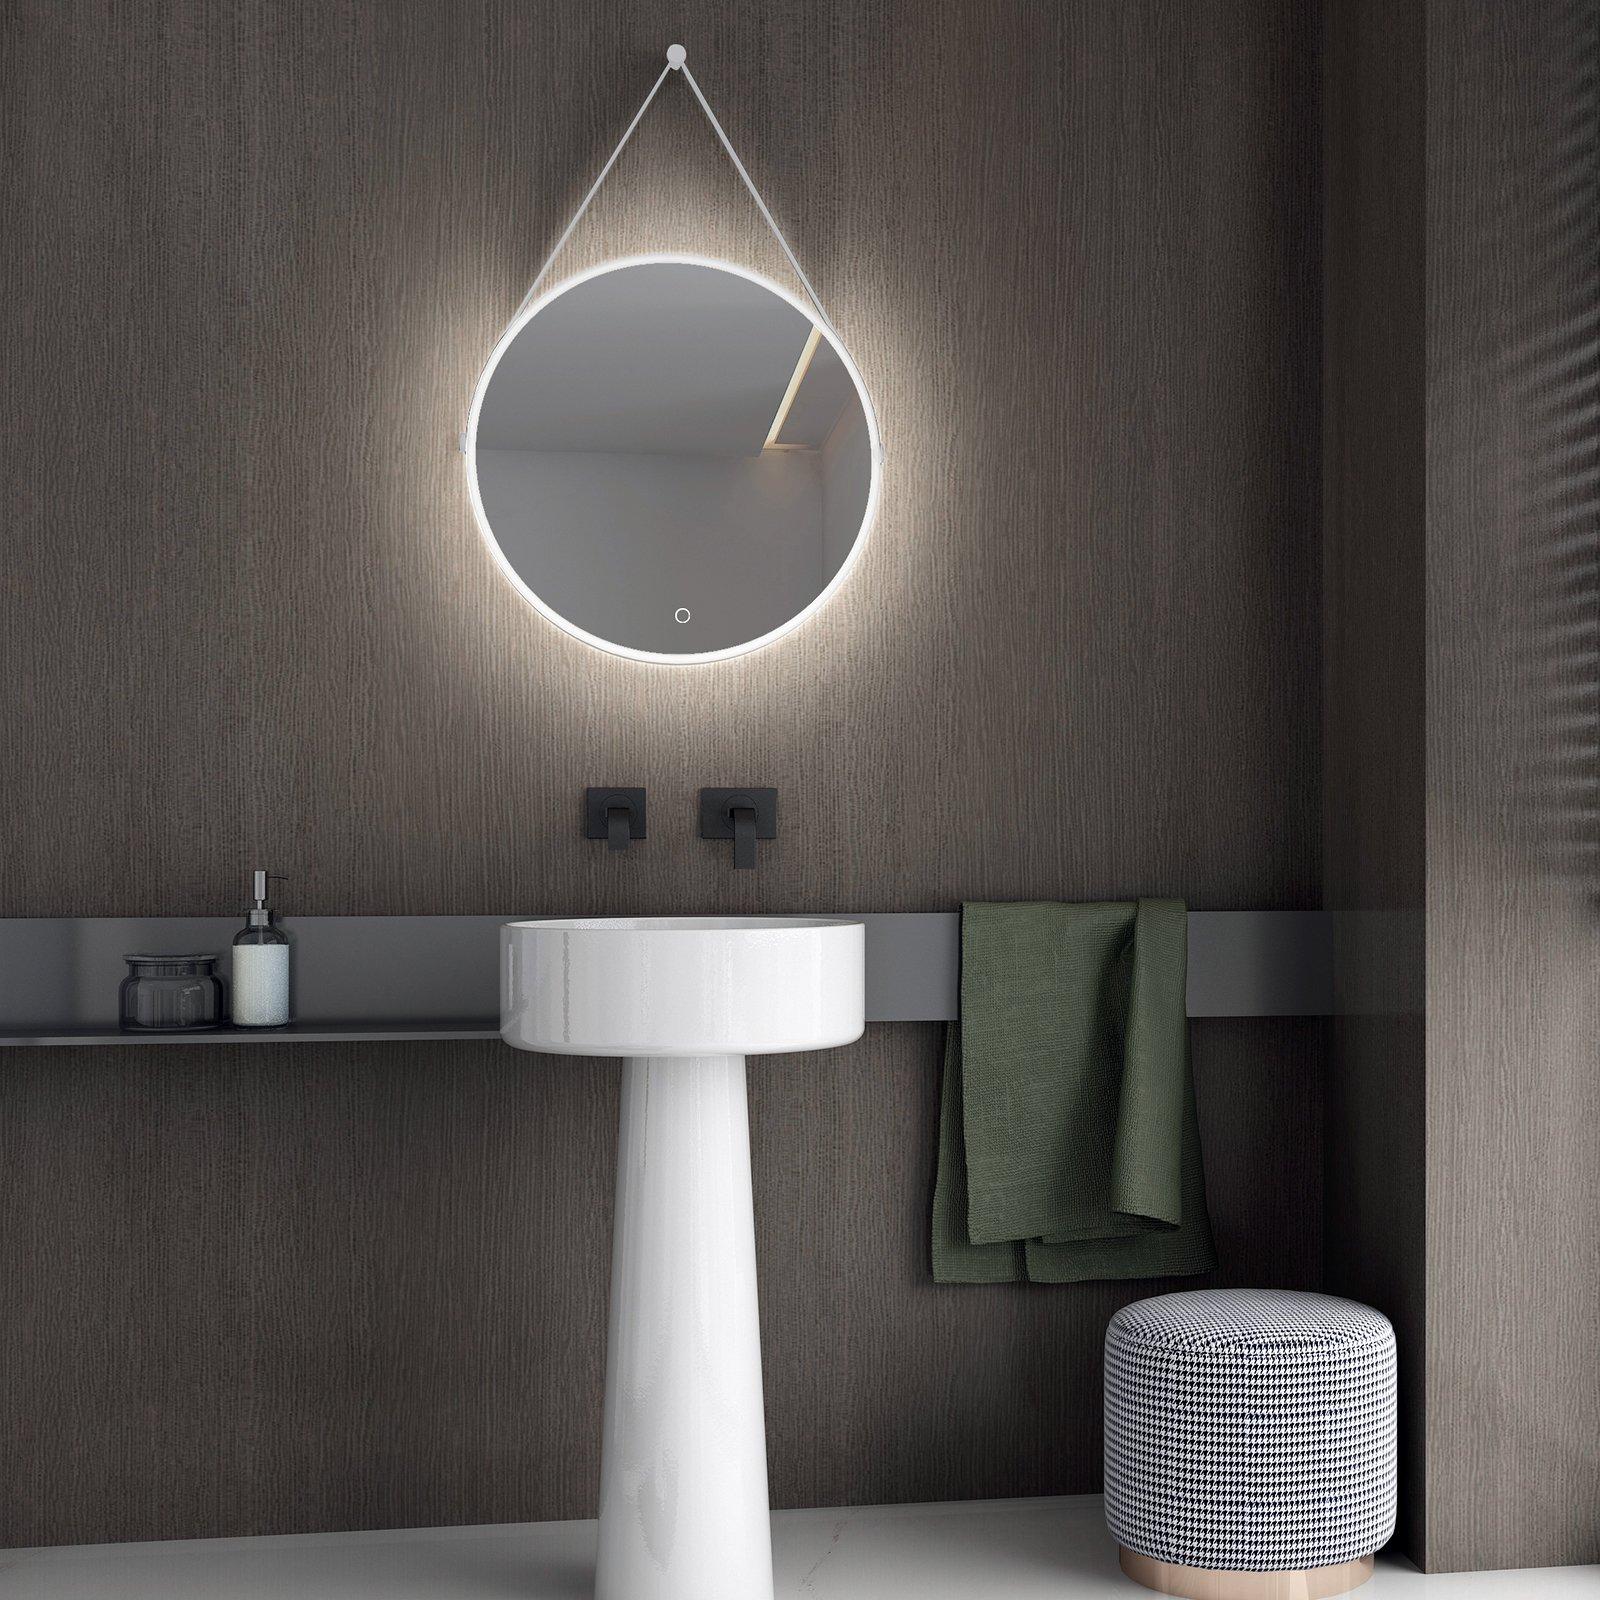 LED Lichtspiegel Badspiegel 2884 mit Spiegelheizung & Warm-/Kaltlichteinstellung - Rund Ø 60 cm